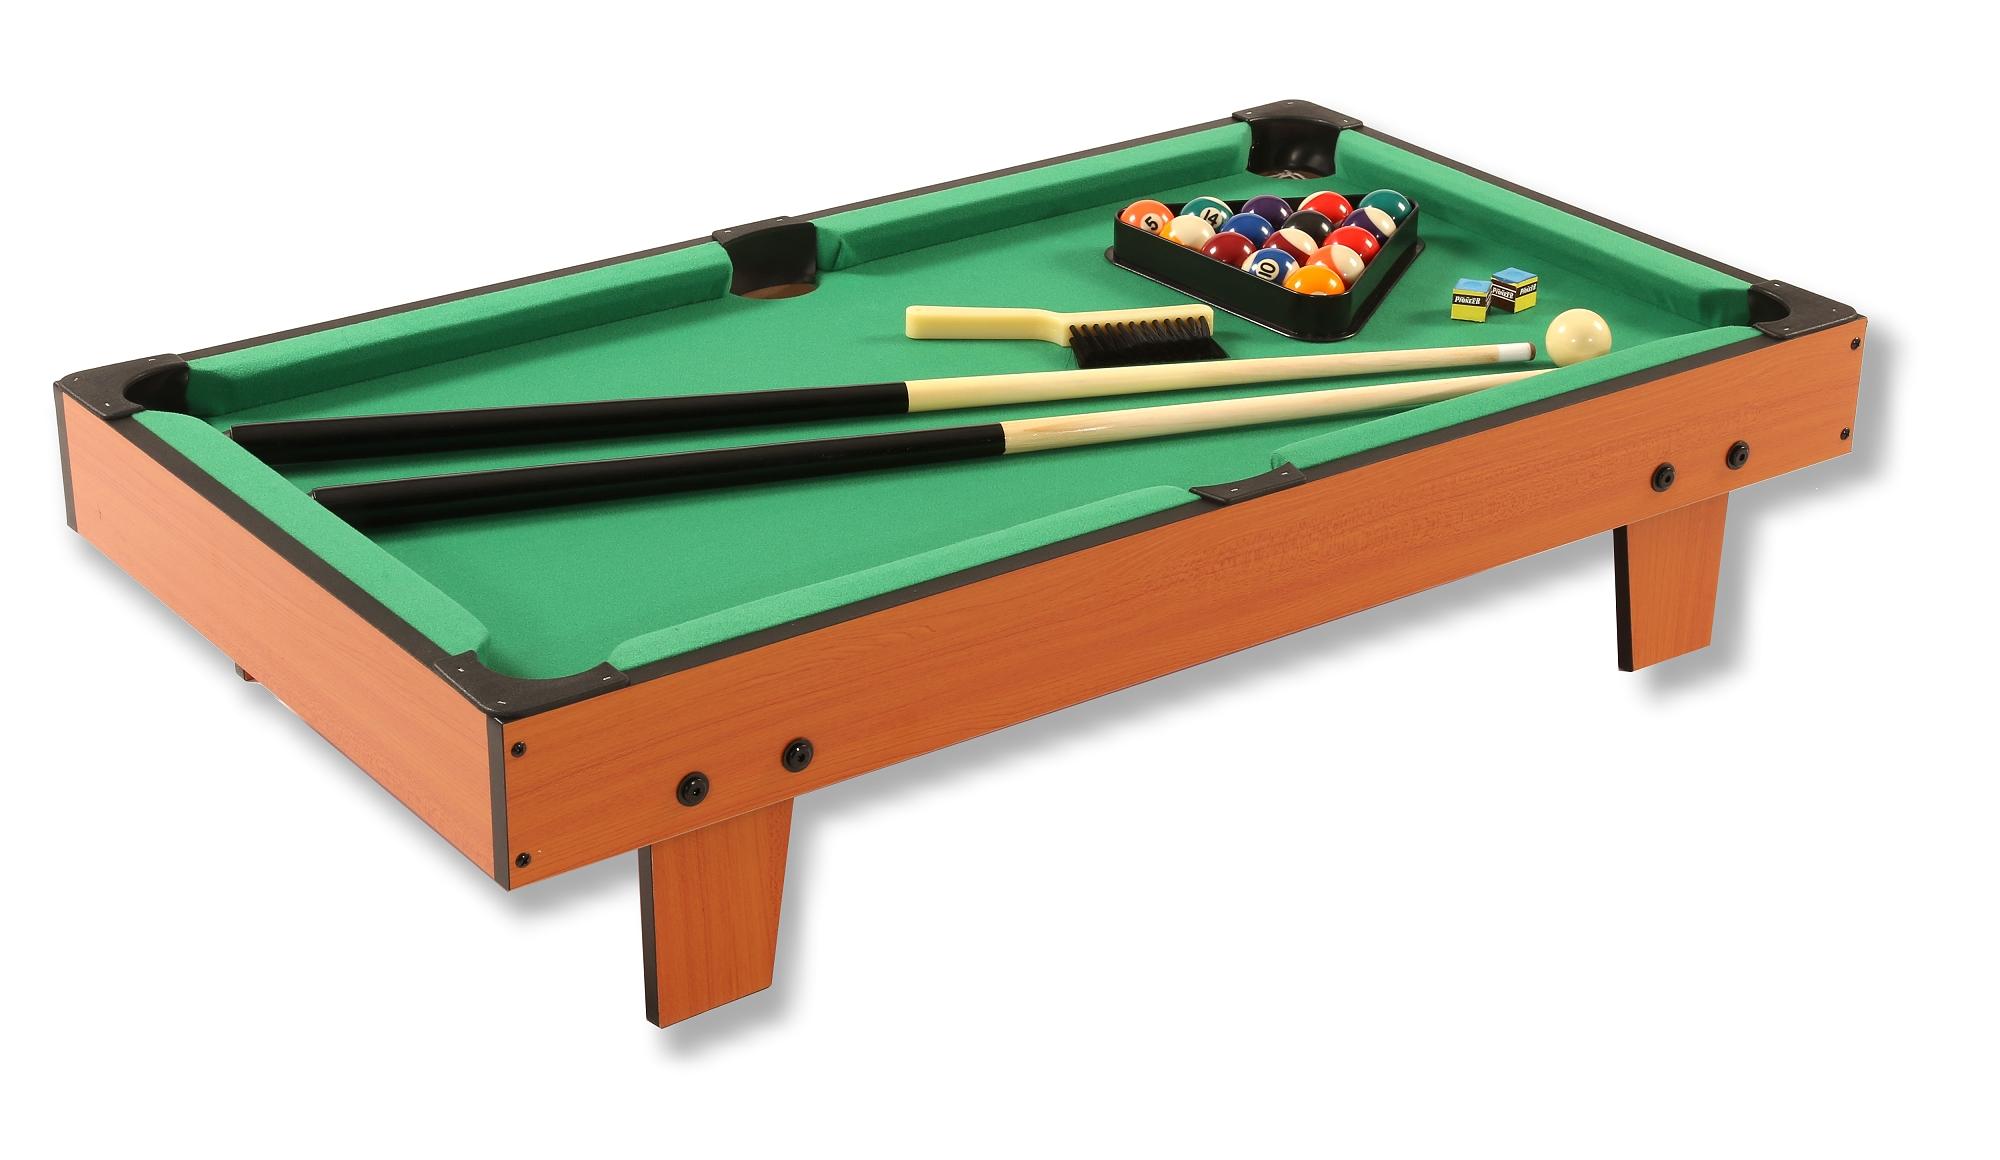 billardtische pool billardtische billard winsport billard dart kicker sport und freizeit. Black Bedroom Furniture Sets. Home Design Ideas